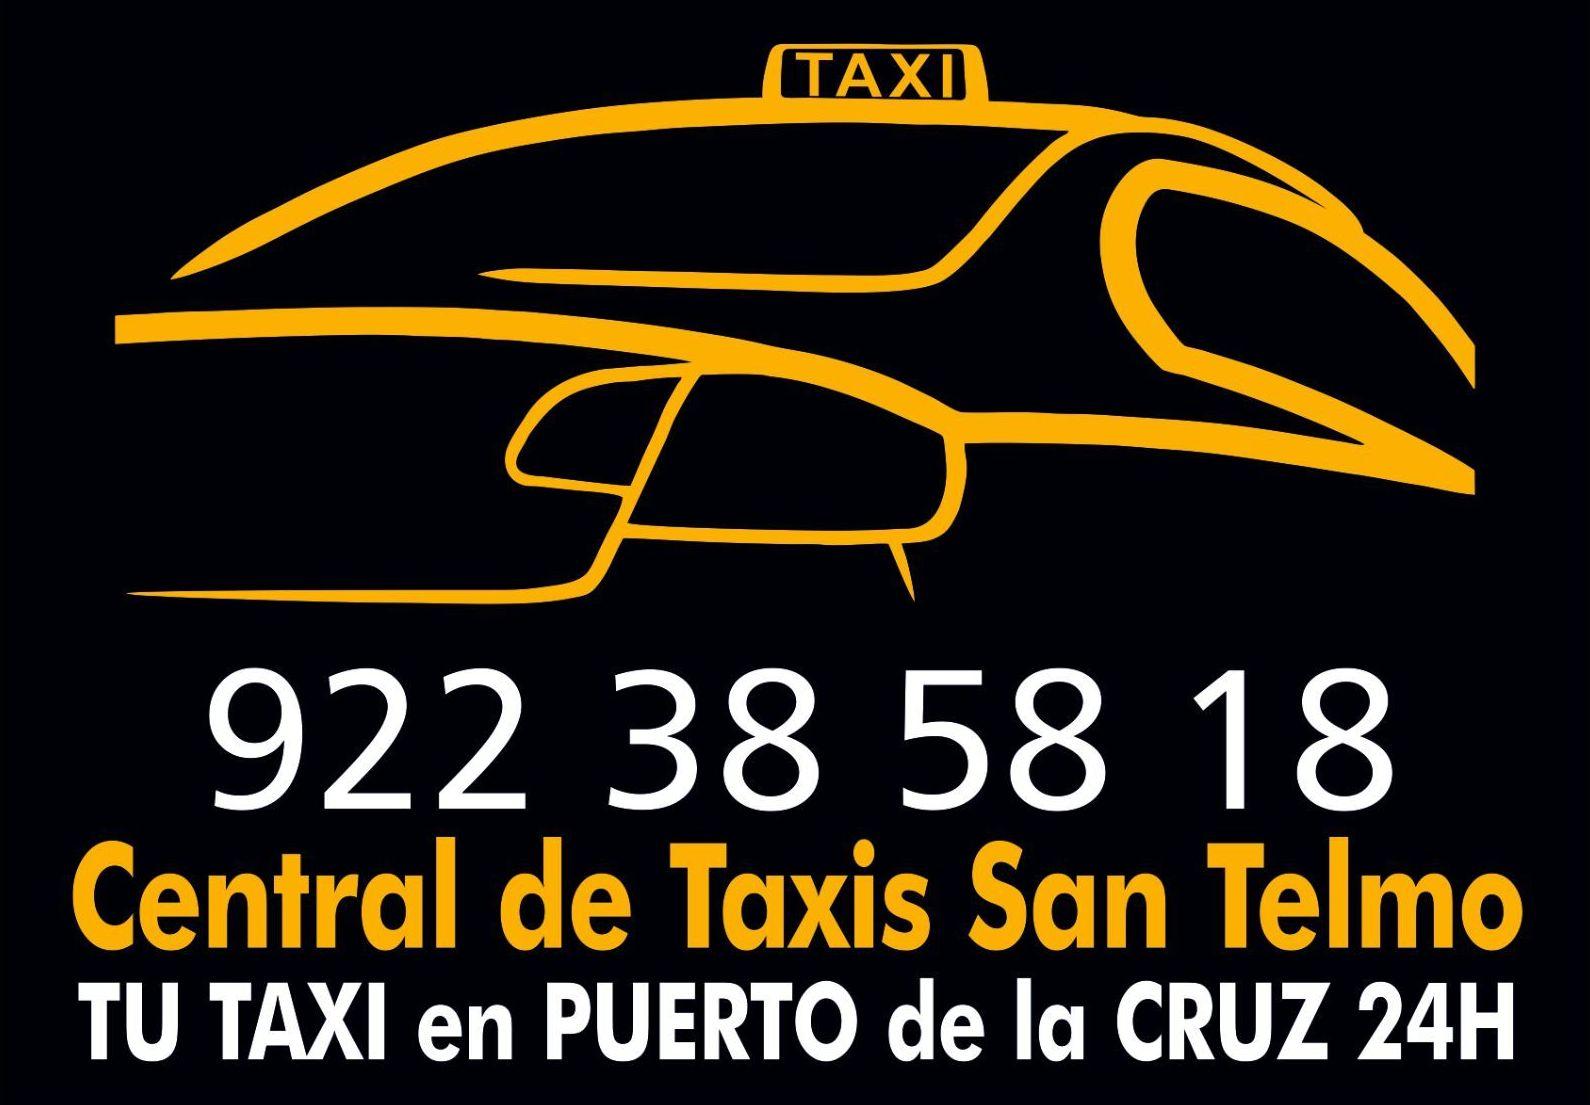 Tu Servicio de taxis de confianza. Rapidez y amabilidad. 24 horas.